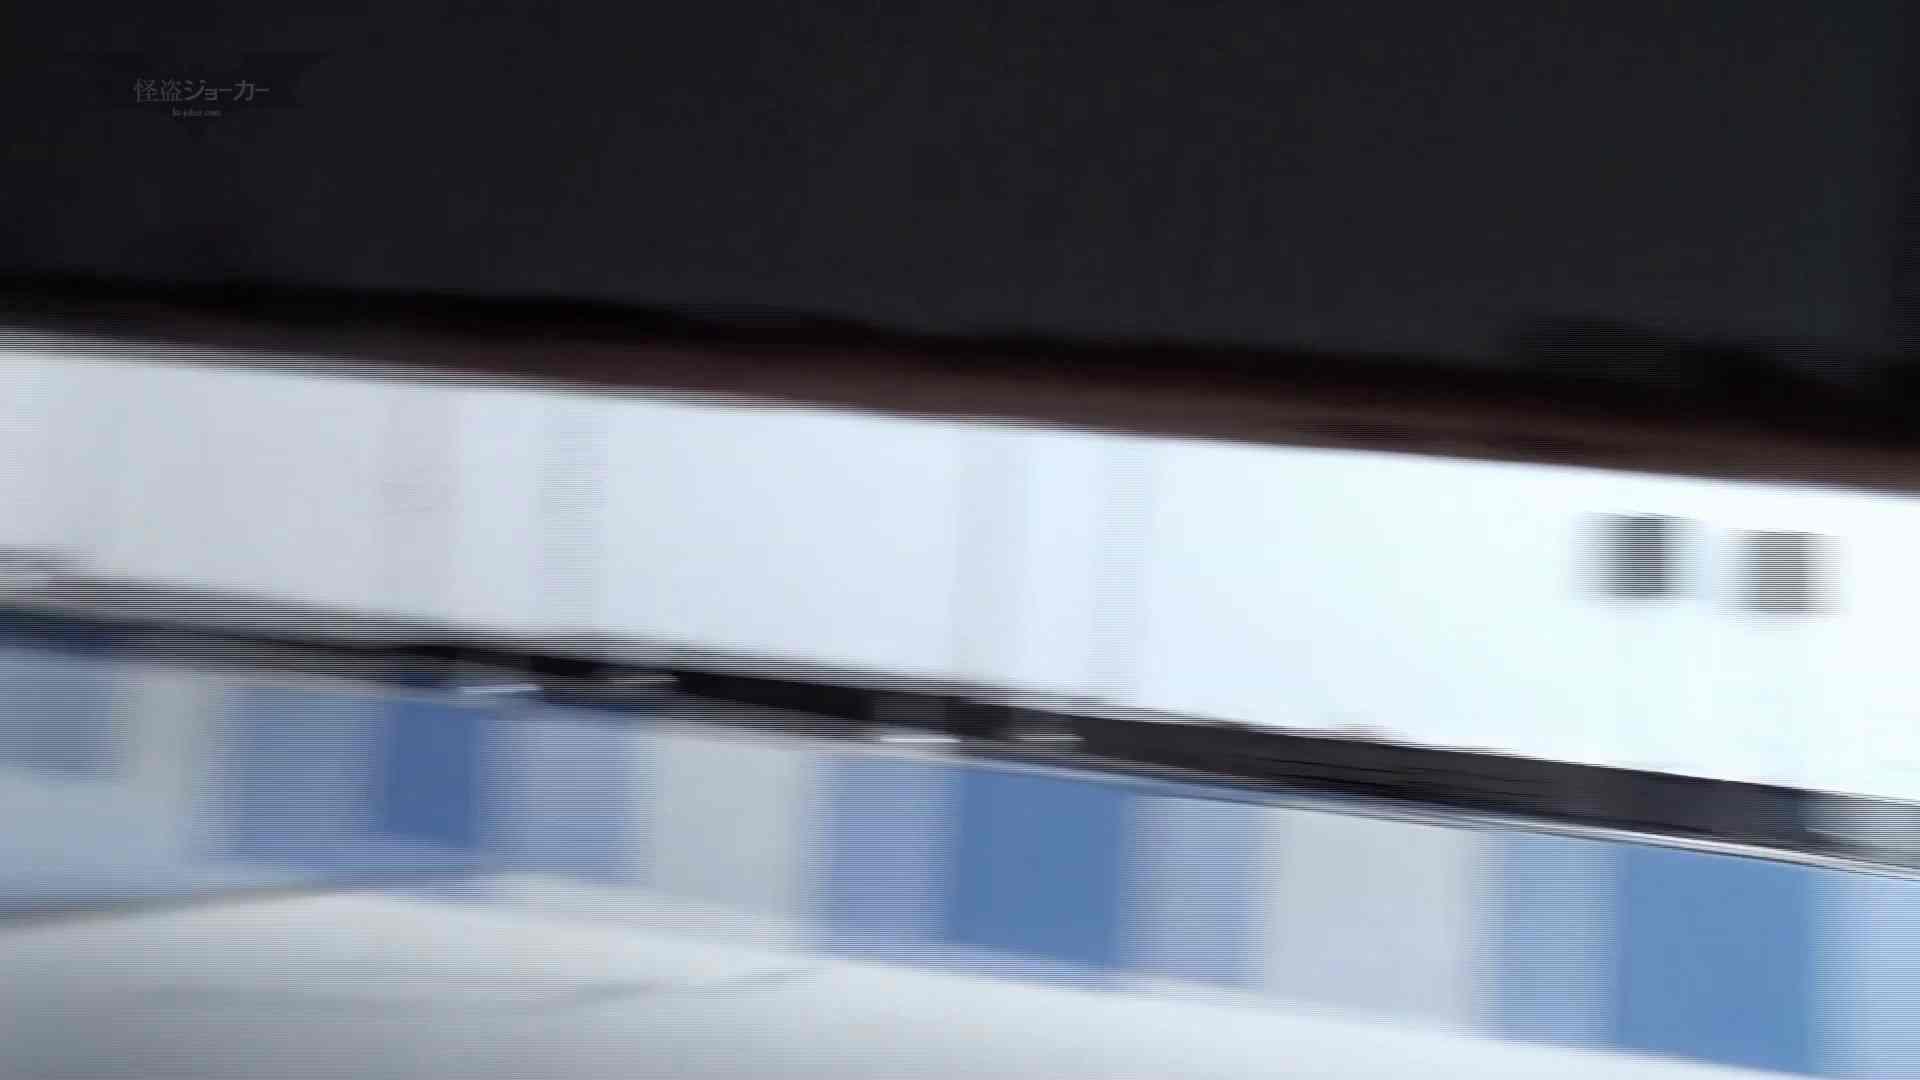 下からノゾム vol.031 扉を壊しみたら、漏れそうな子が閉じずに入ってくれた 色っぽいOL達 | 0  78pic 39